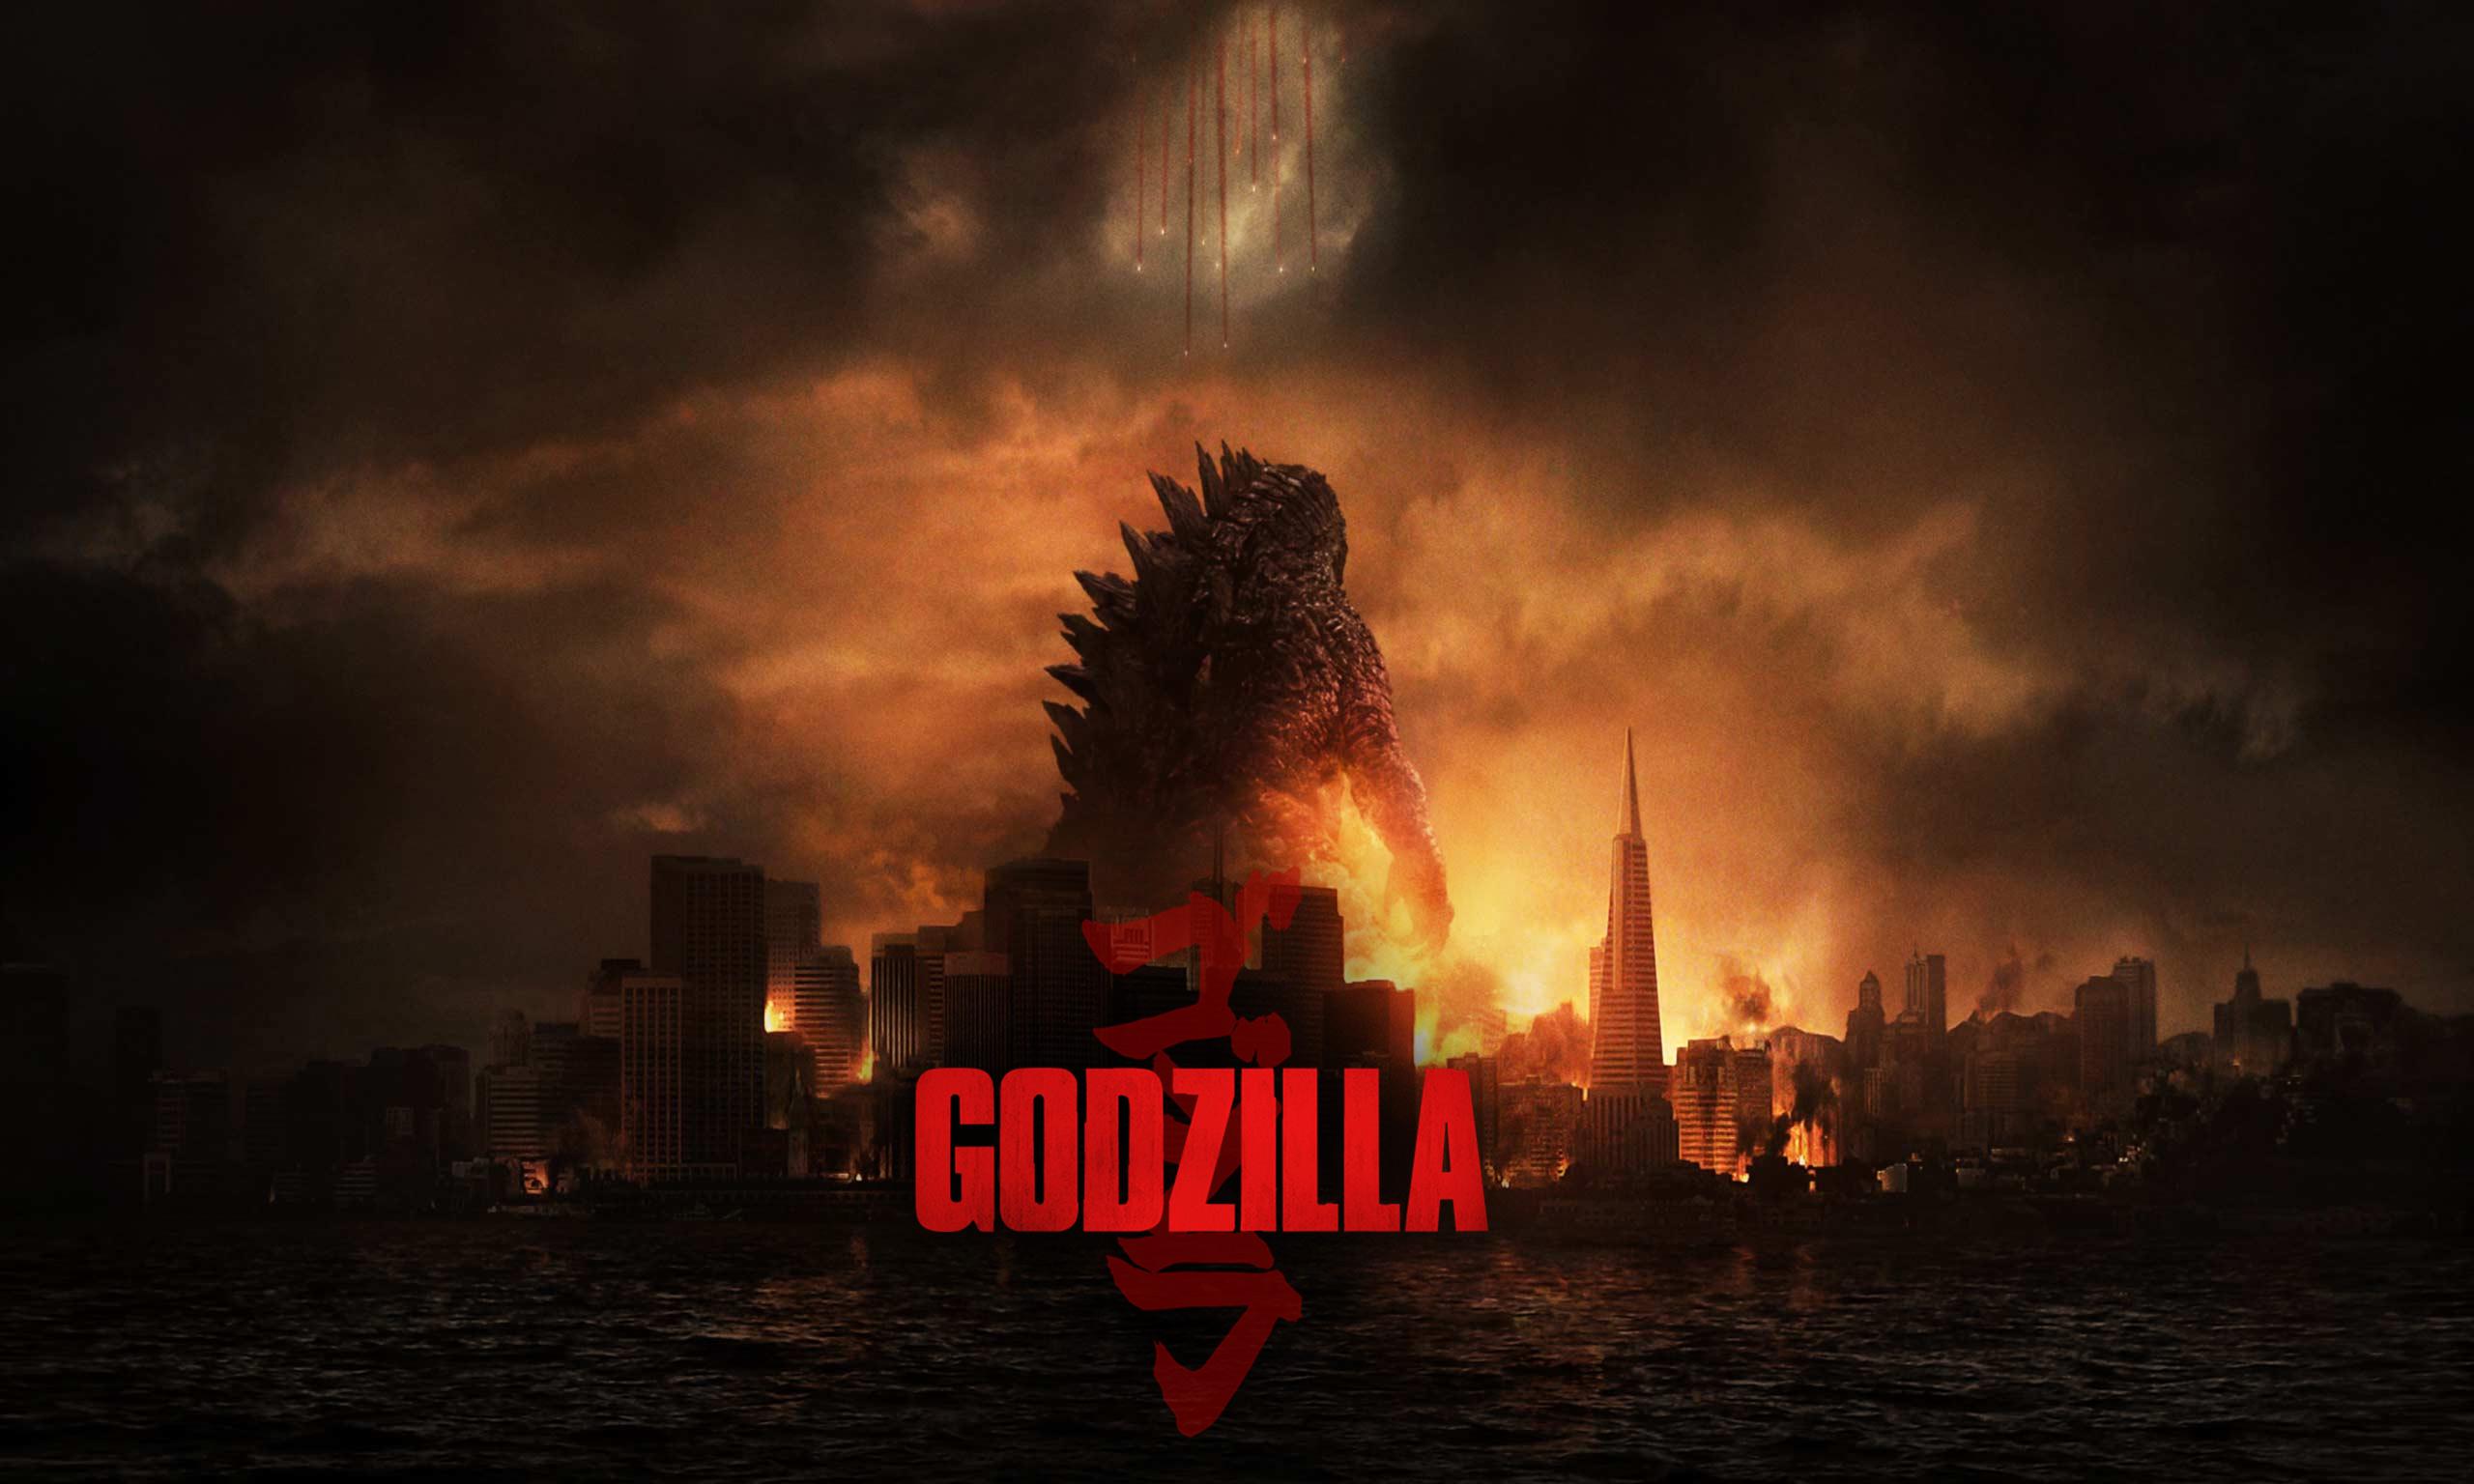 GOdzilla 2014 wallpaper 2 2560x1536